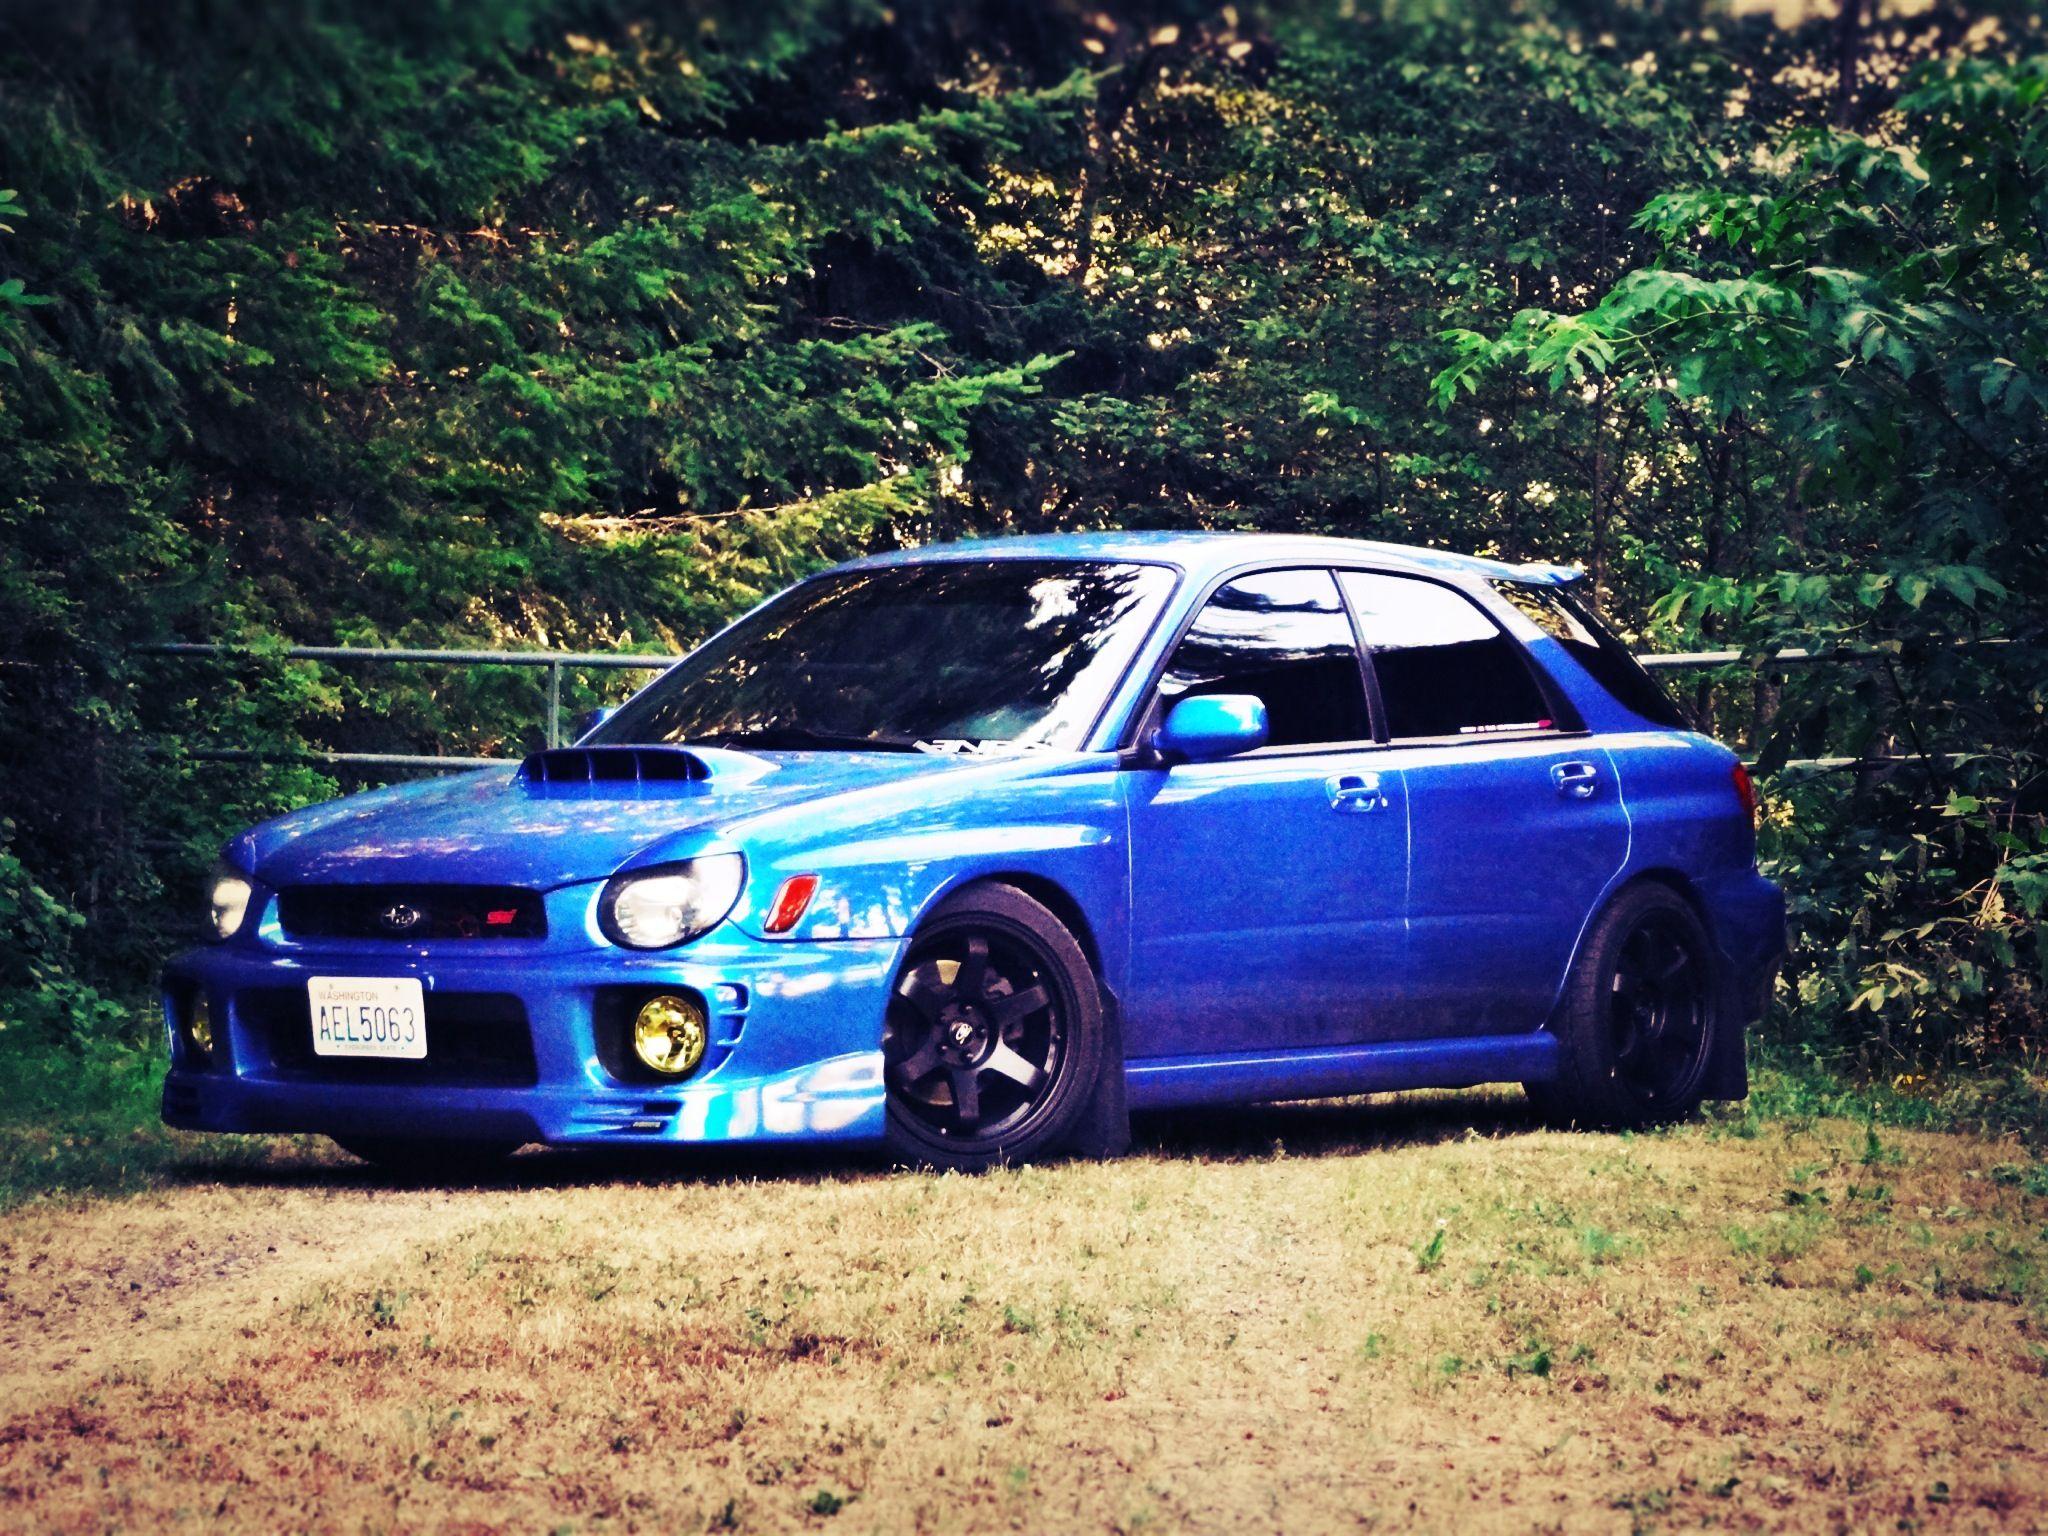 2003 Subaru Impreza WRX Sport Wagon Automatic related ... |2003 Impreza Wrx Wagon Stanced